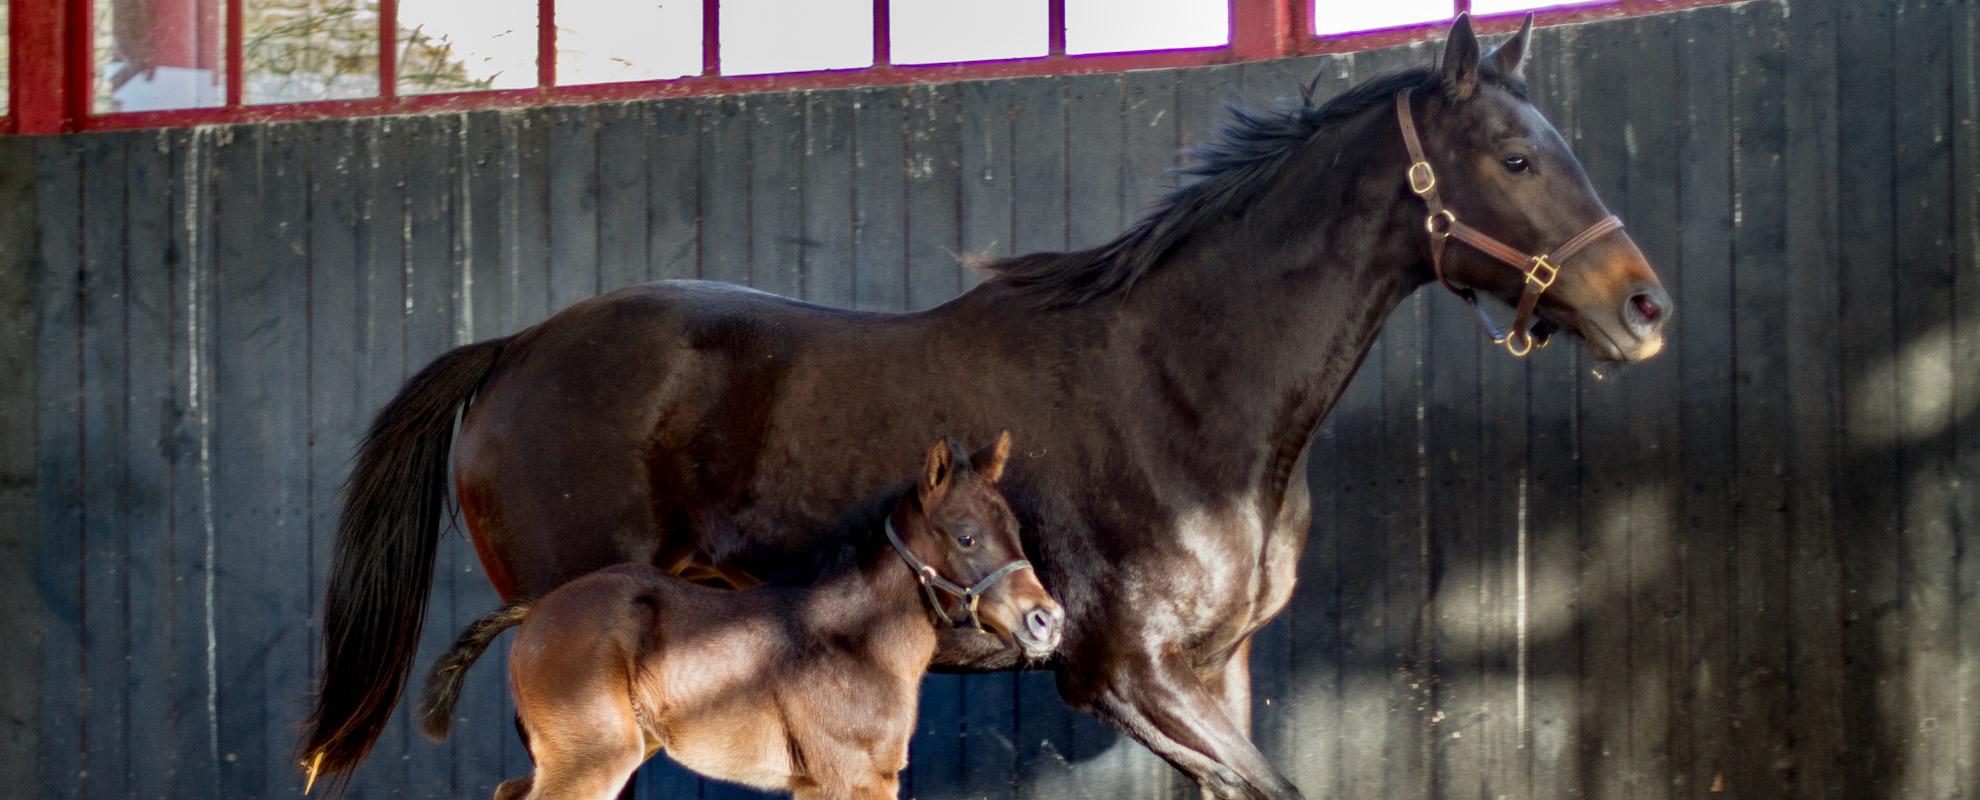 horses_foals_main_004